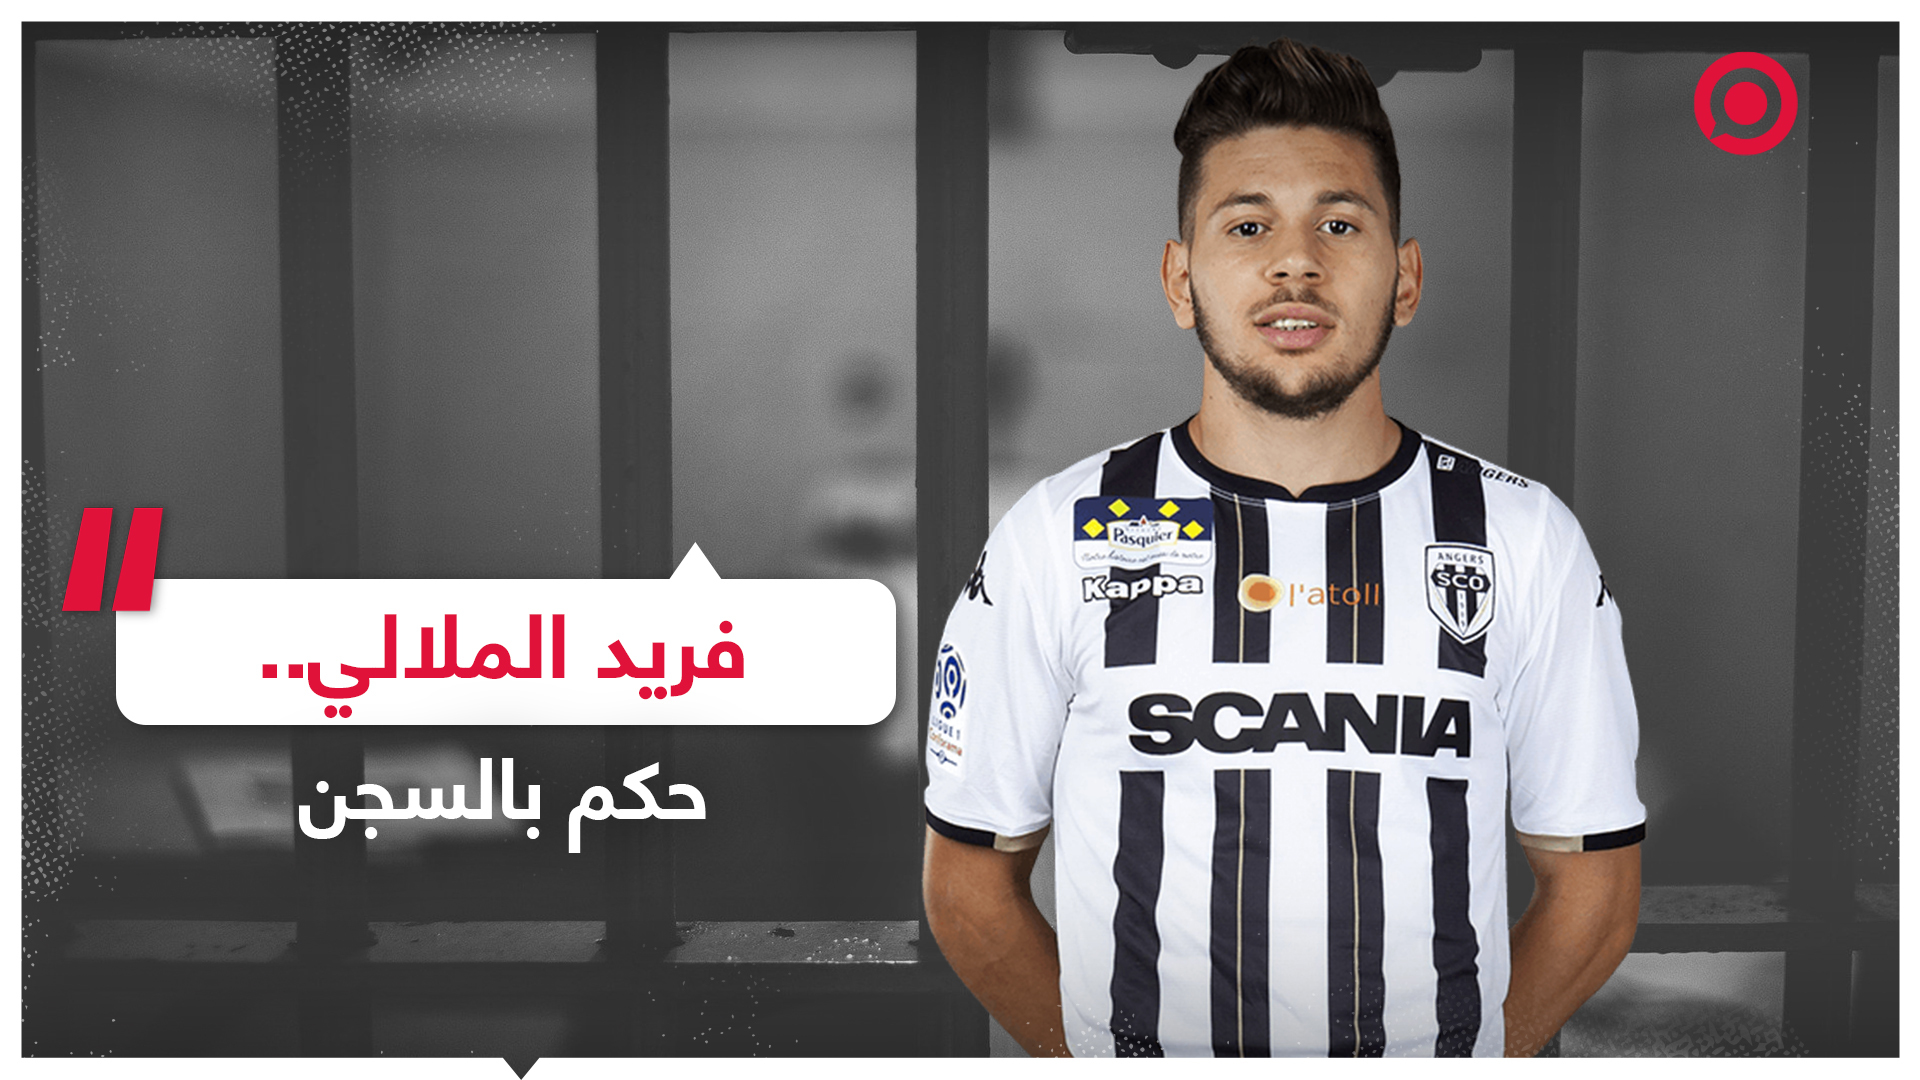 الحكم بالسجن على اللاعب الجزائري فريد الملالي في فرنسا